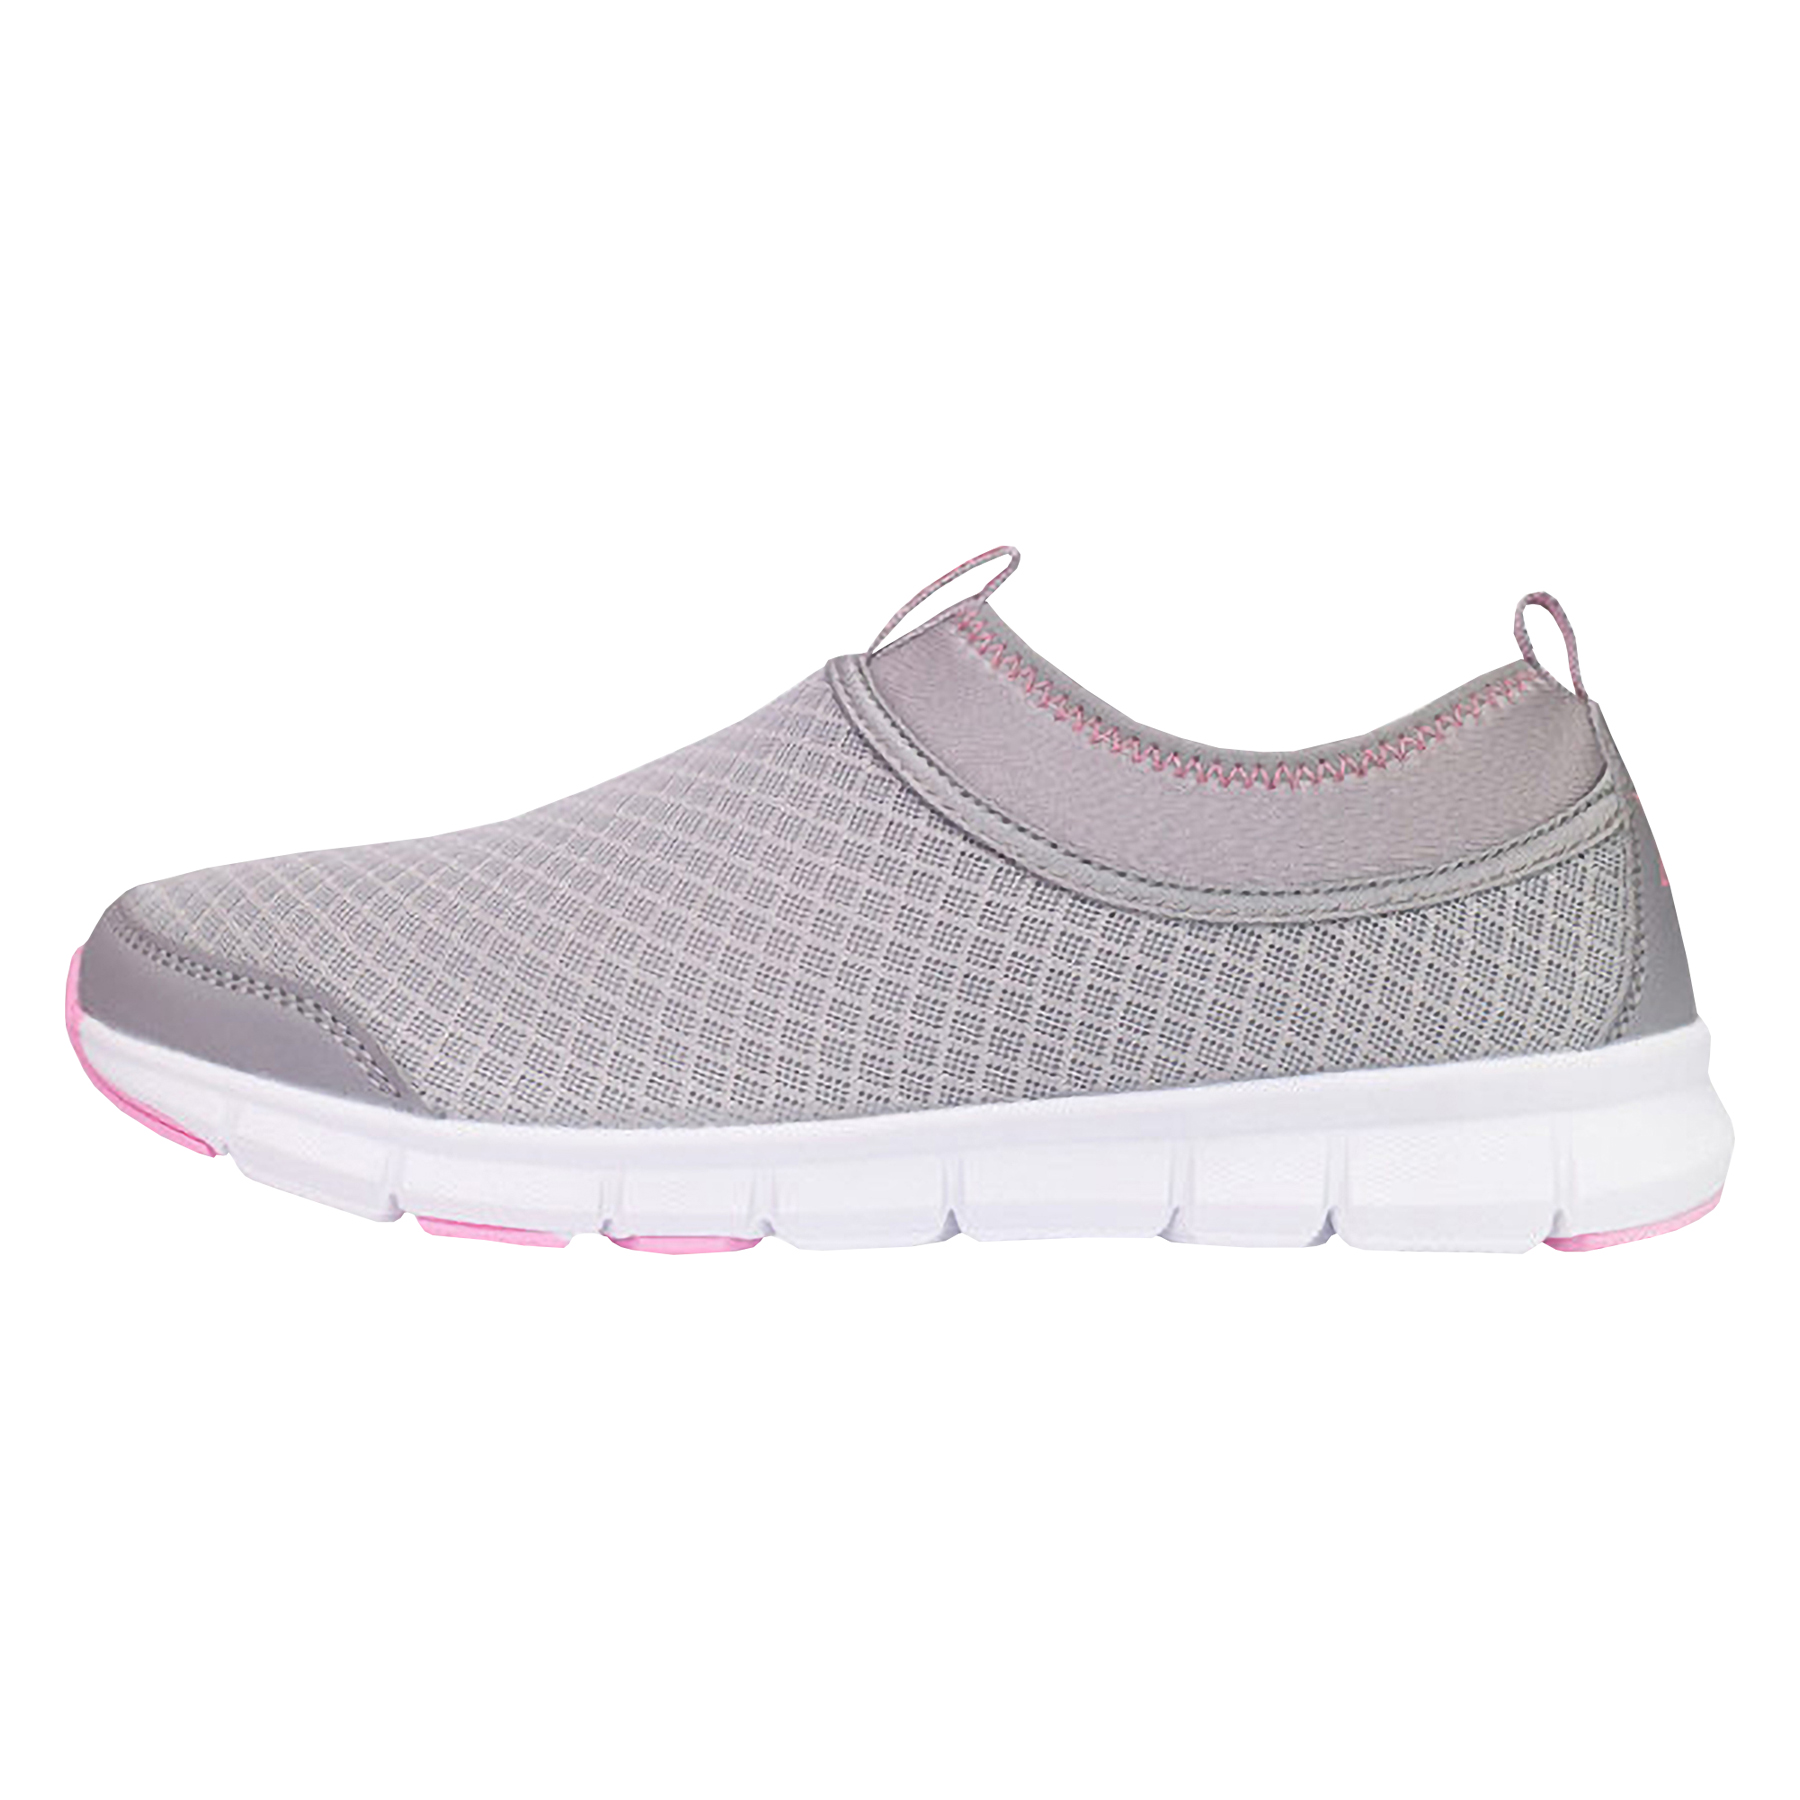 کفش اسکیت برد کینتیکس مدل votem کد 21016